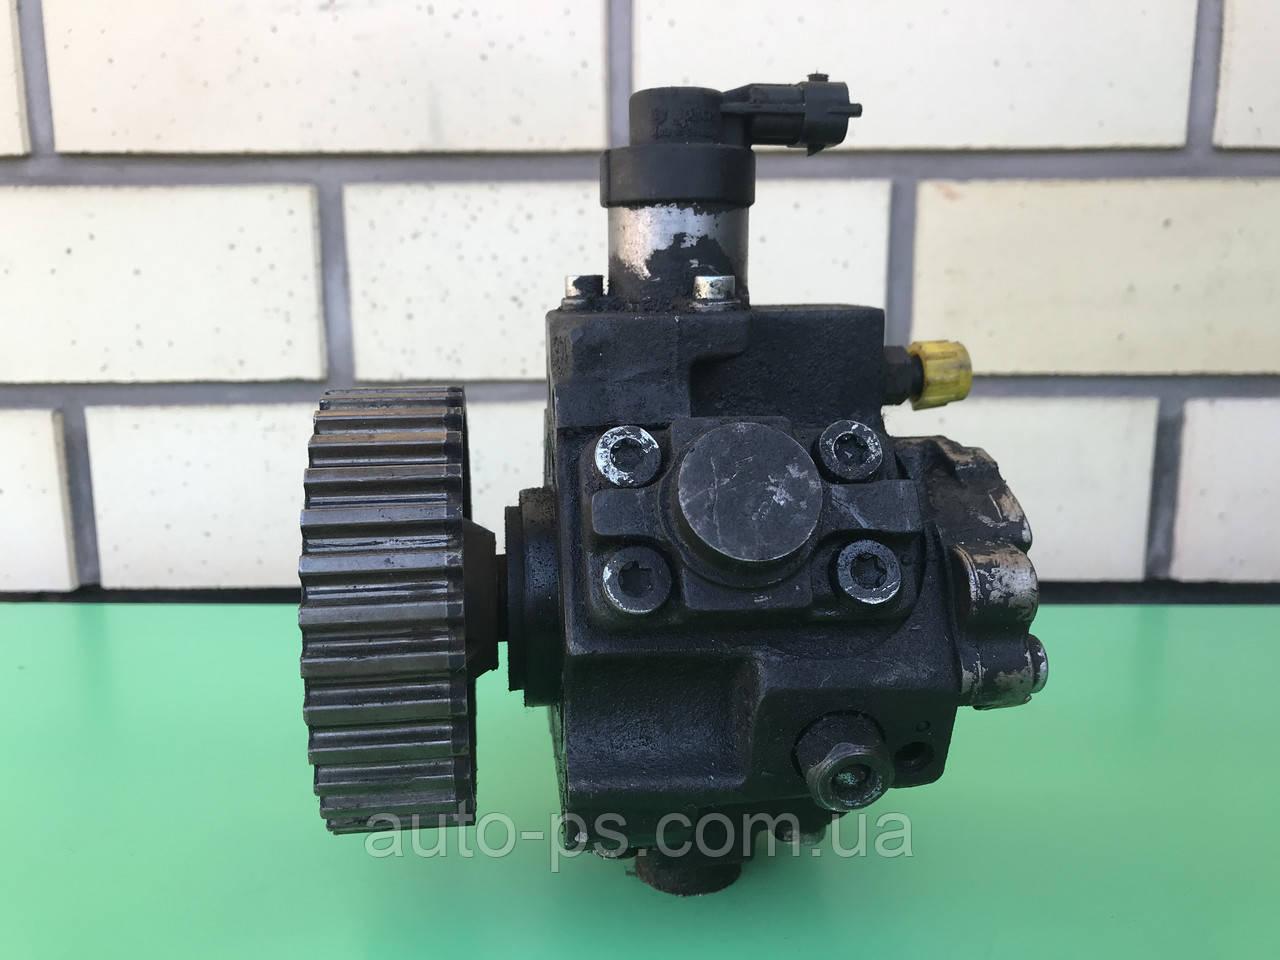 Топливный насос высокого давления (ТНВД) Peugeot Partner 1.6HDI